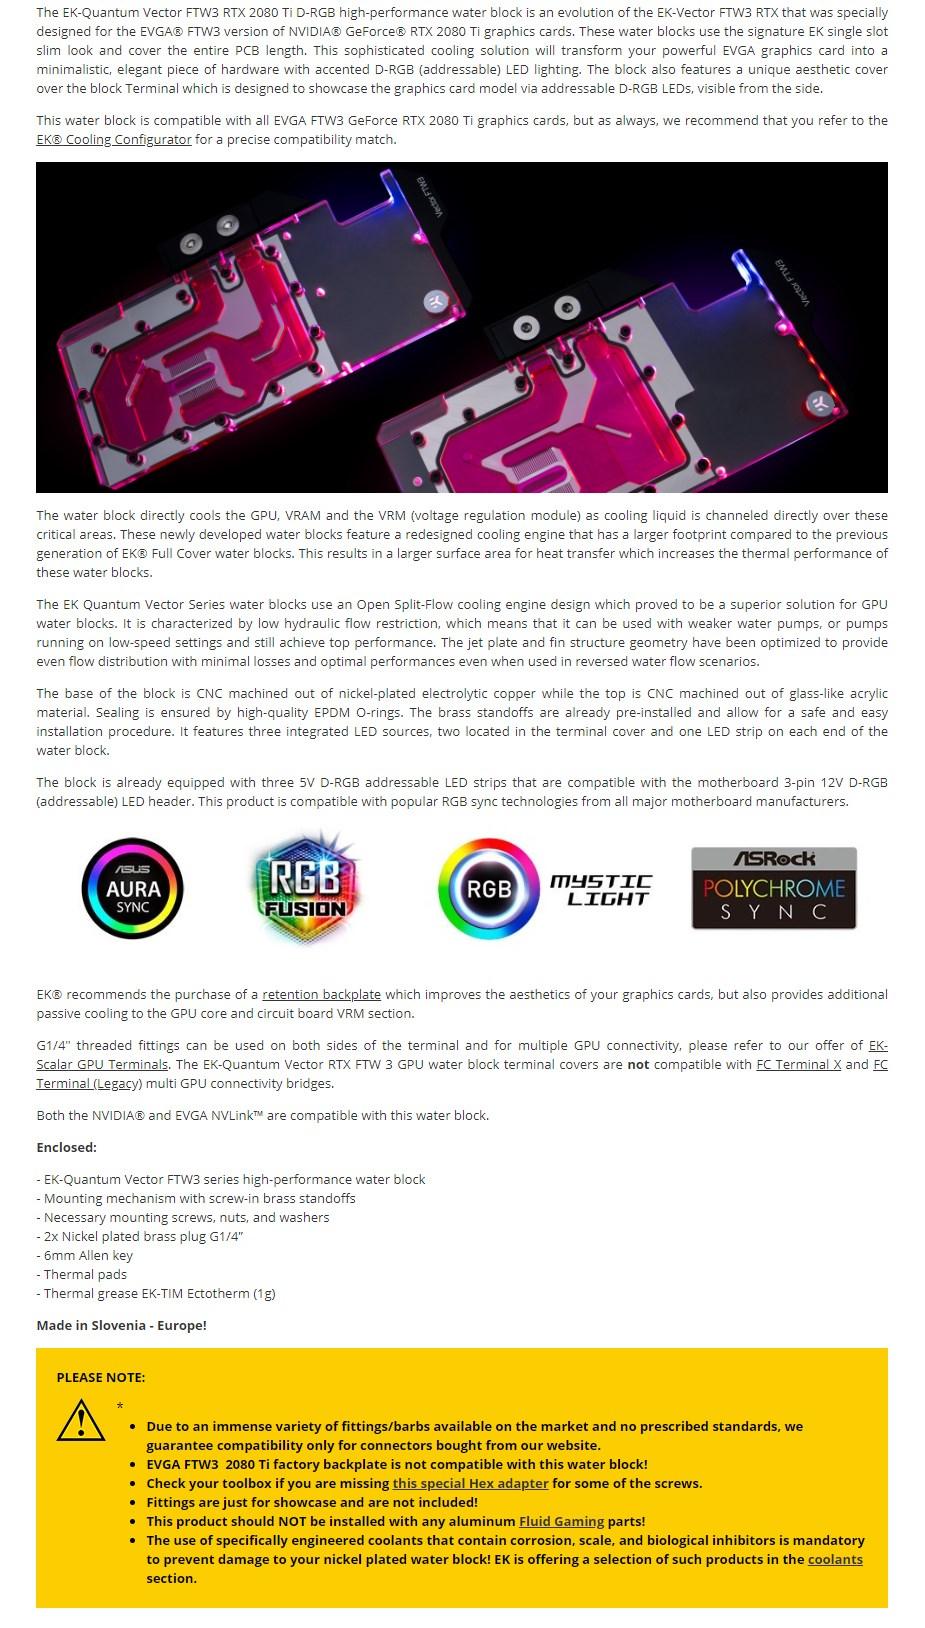 EKWB EK-Quantum Vector FTW3 RTX 2080 Ti D-RGB - Nickel + Plexi GPU Water Block - Overview 1